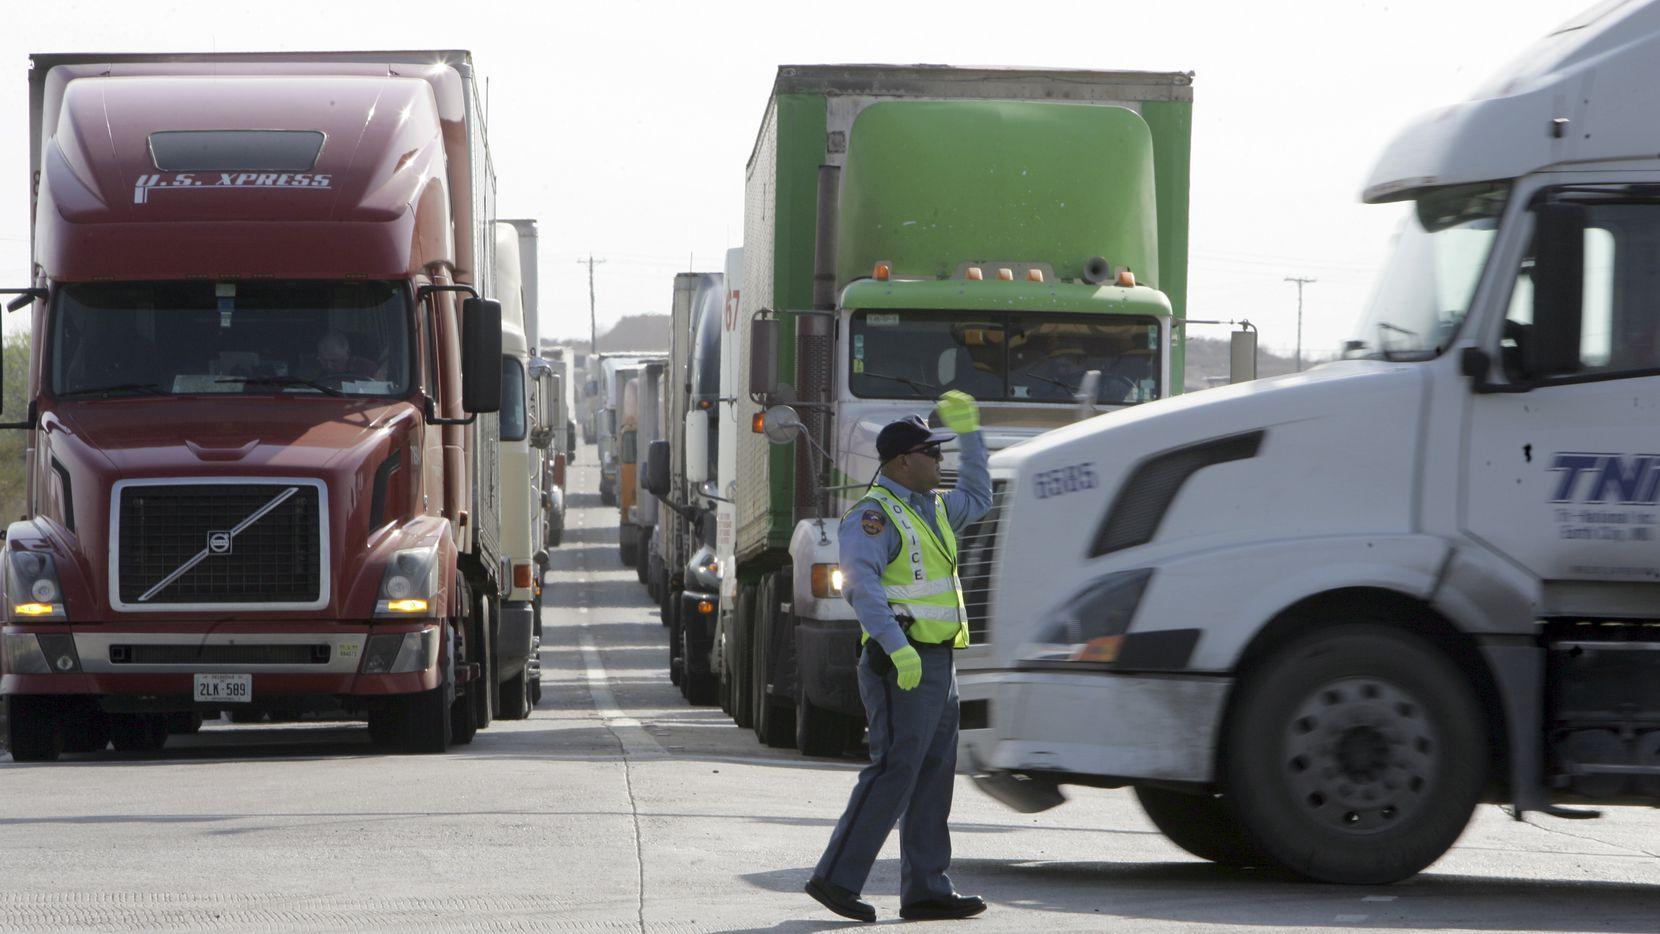 Las ciudades de Eagle Pass y Piedras Negras pusieron en marcha un plan piloto para abrir la frontera comercial durante los domingos de junio. El paso para turistas de México hacia Estados Unidos continúa cerrado por la frontera terrestre.